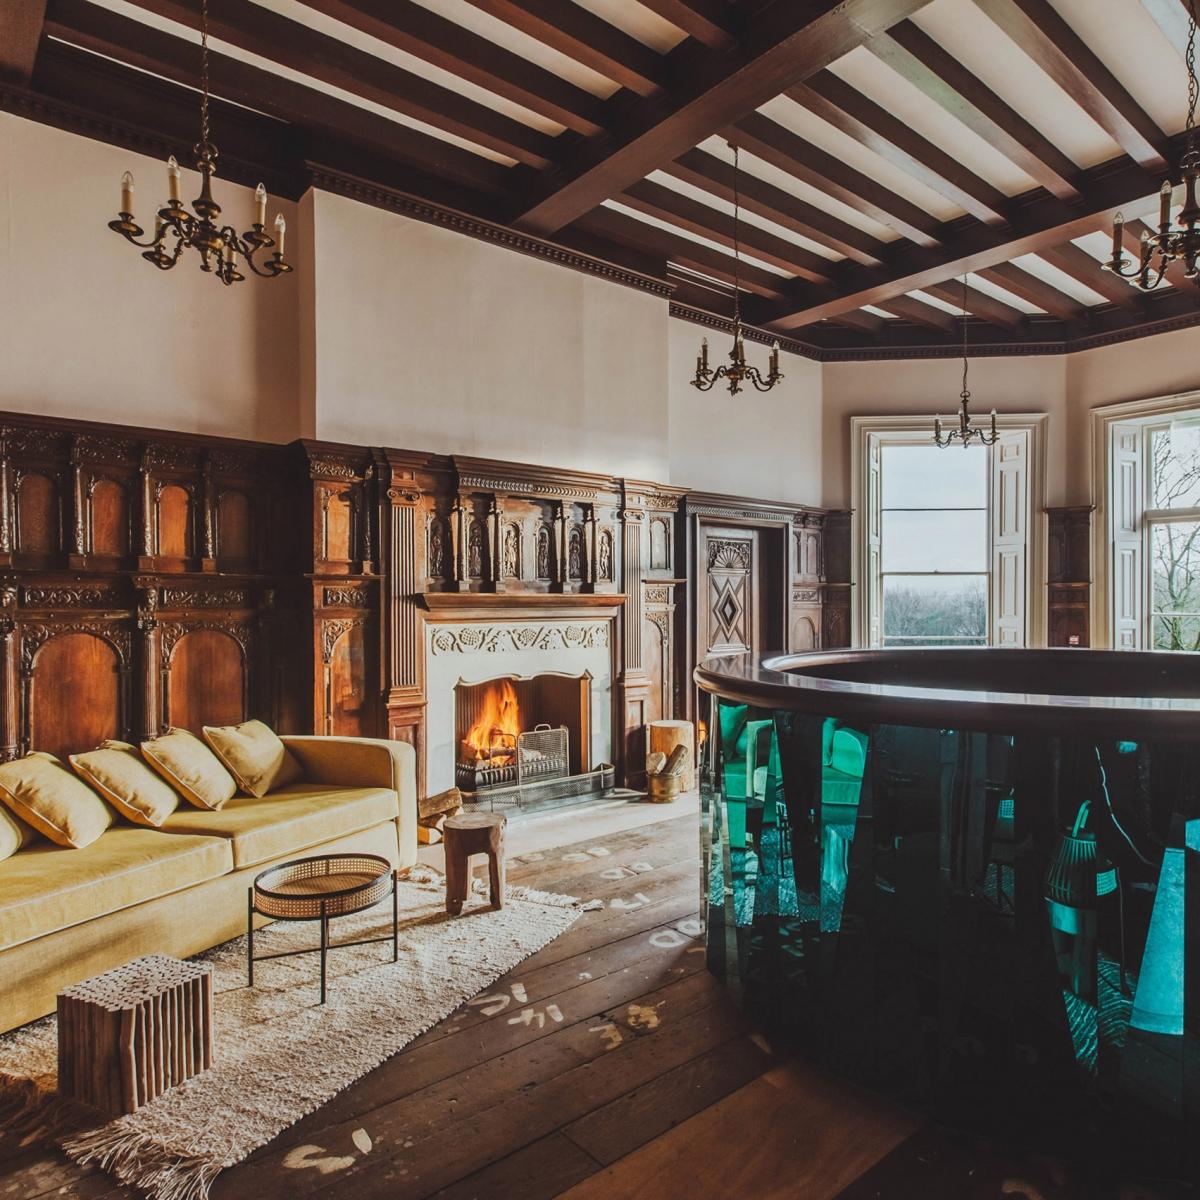 Khách sạn Birch, Vương quốc Anh của kiến trúc sư Red Deer vốn là lâu đài cổ từ thế kỷ 18. Khách sạn đặt ra một tiêu chuẩn mới về độ sang trọng, bảo tồn gần như nguyên vẹn các chi tiết trang trí ban đầu./.